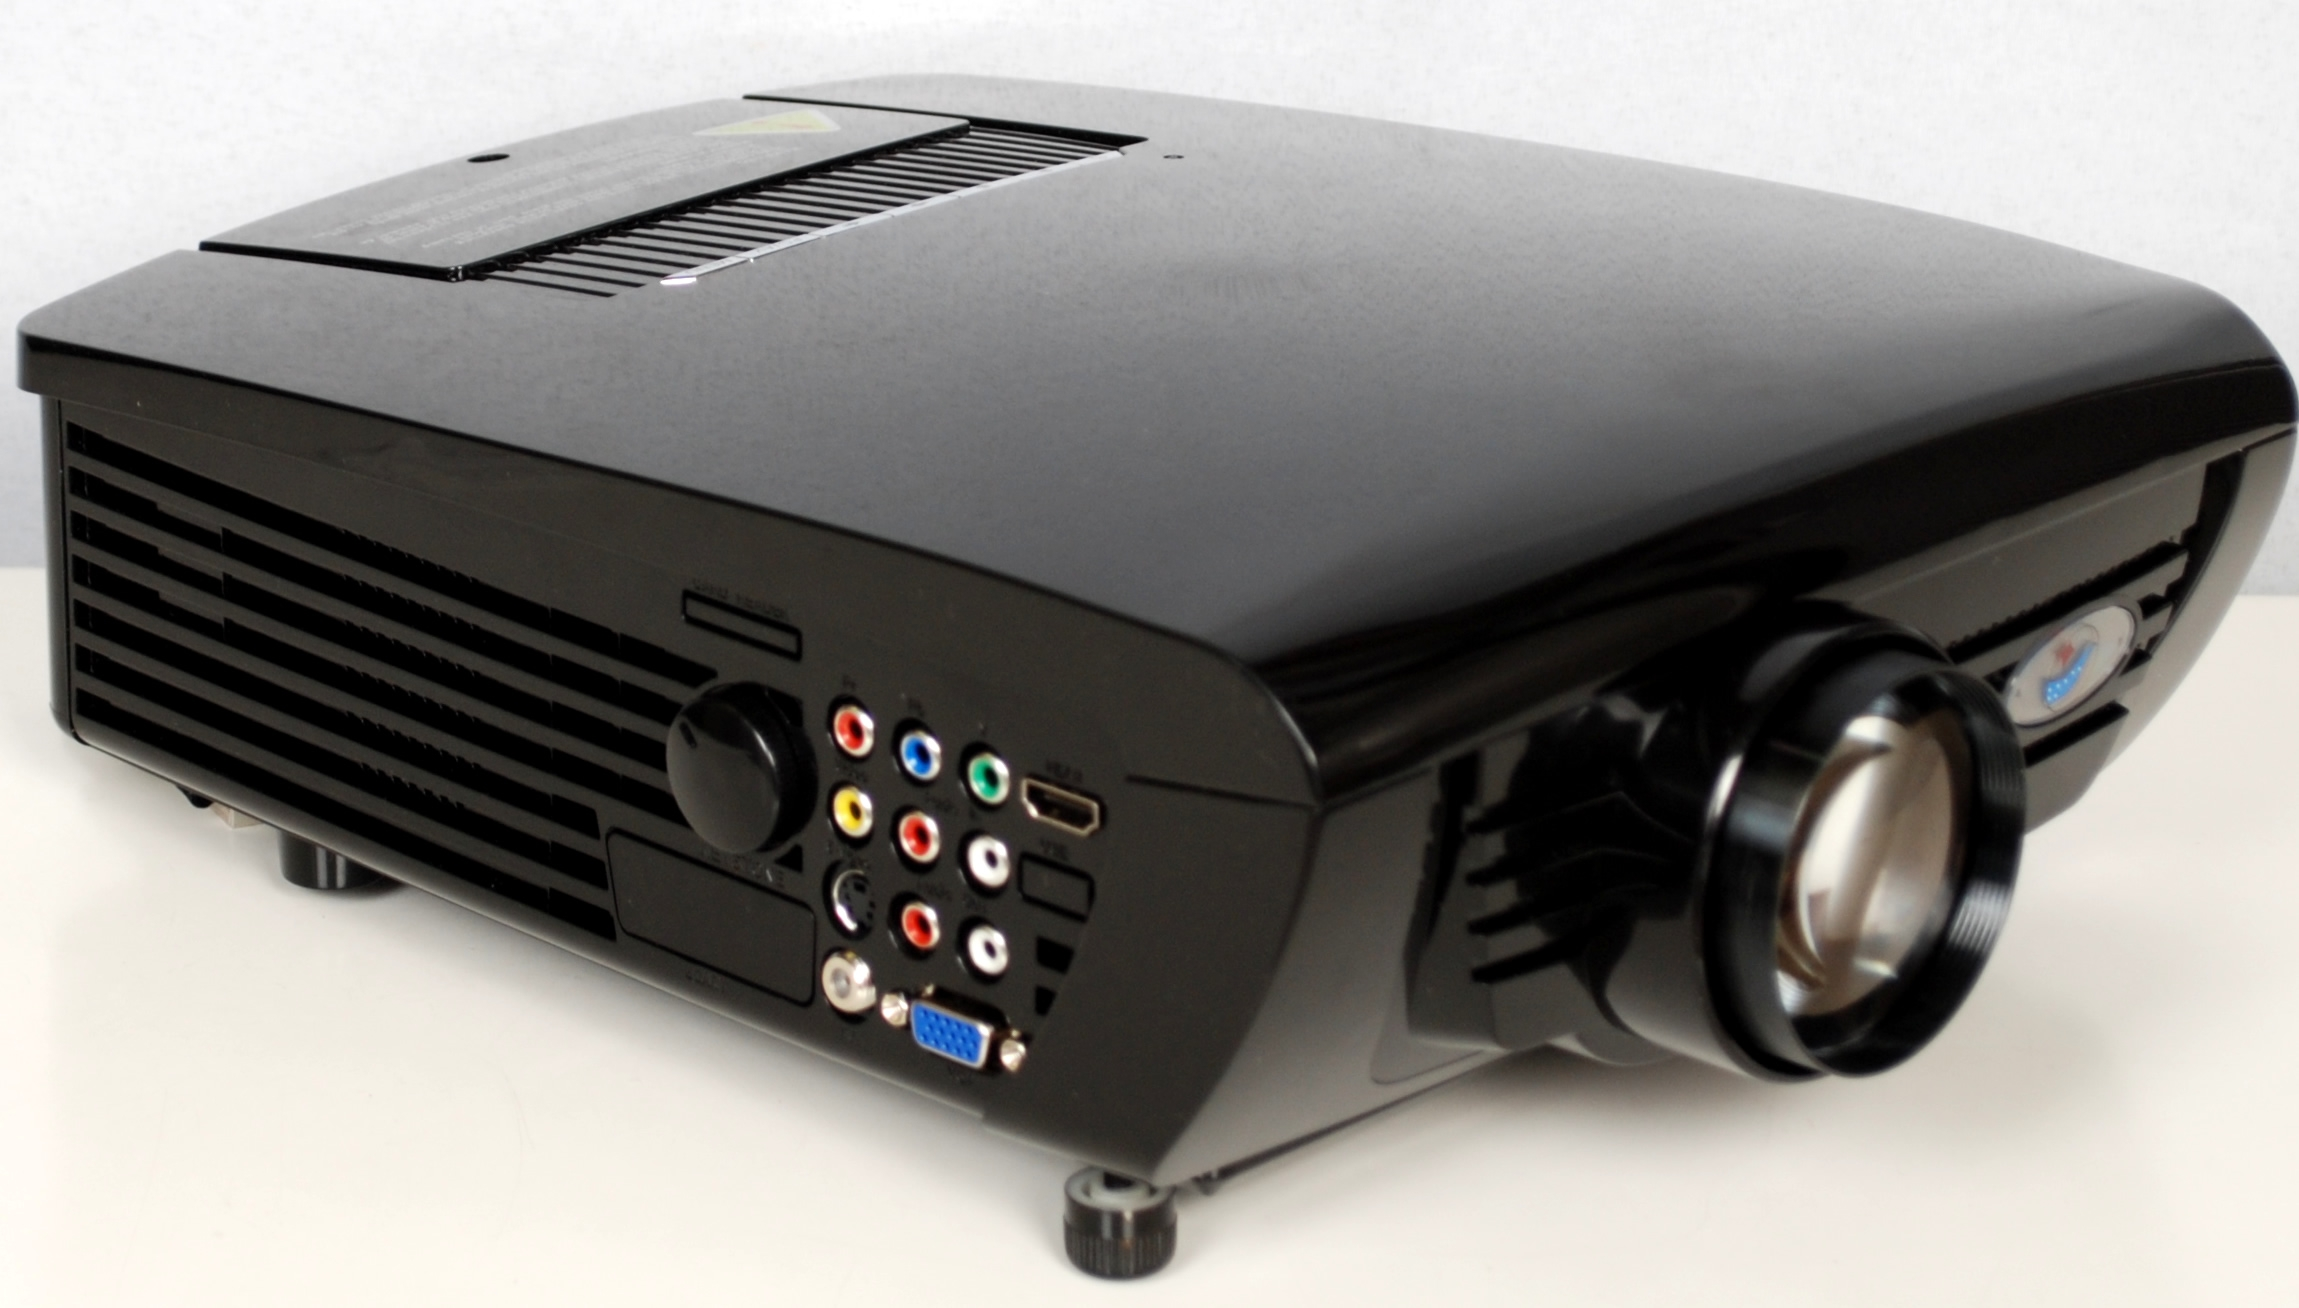 Digital Galaxy DG-737 Dream Land HDMI LCD Projector